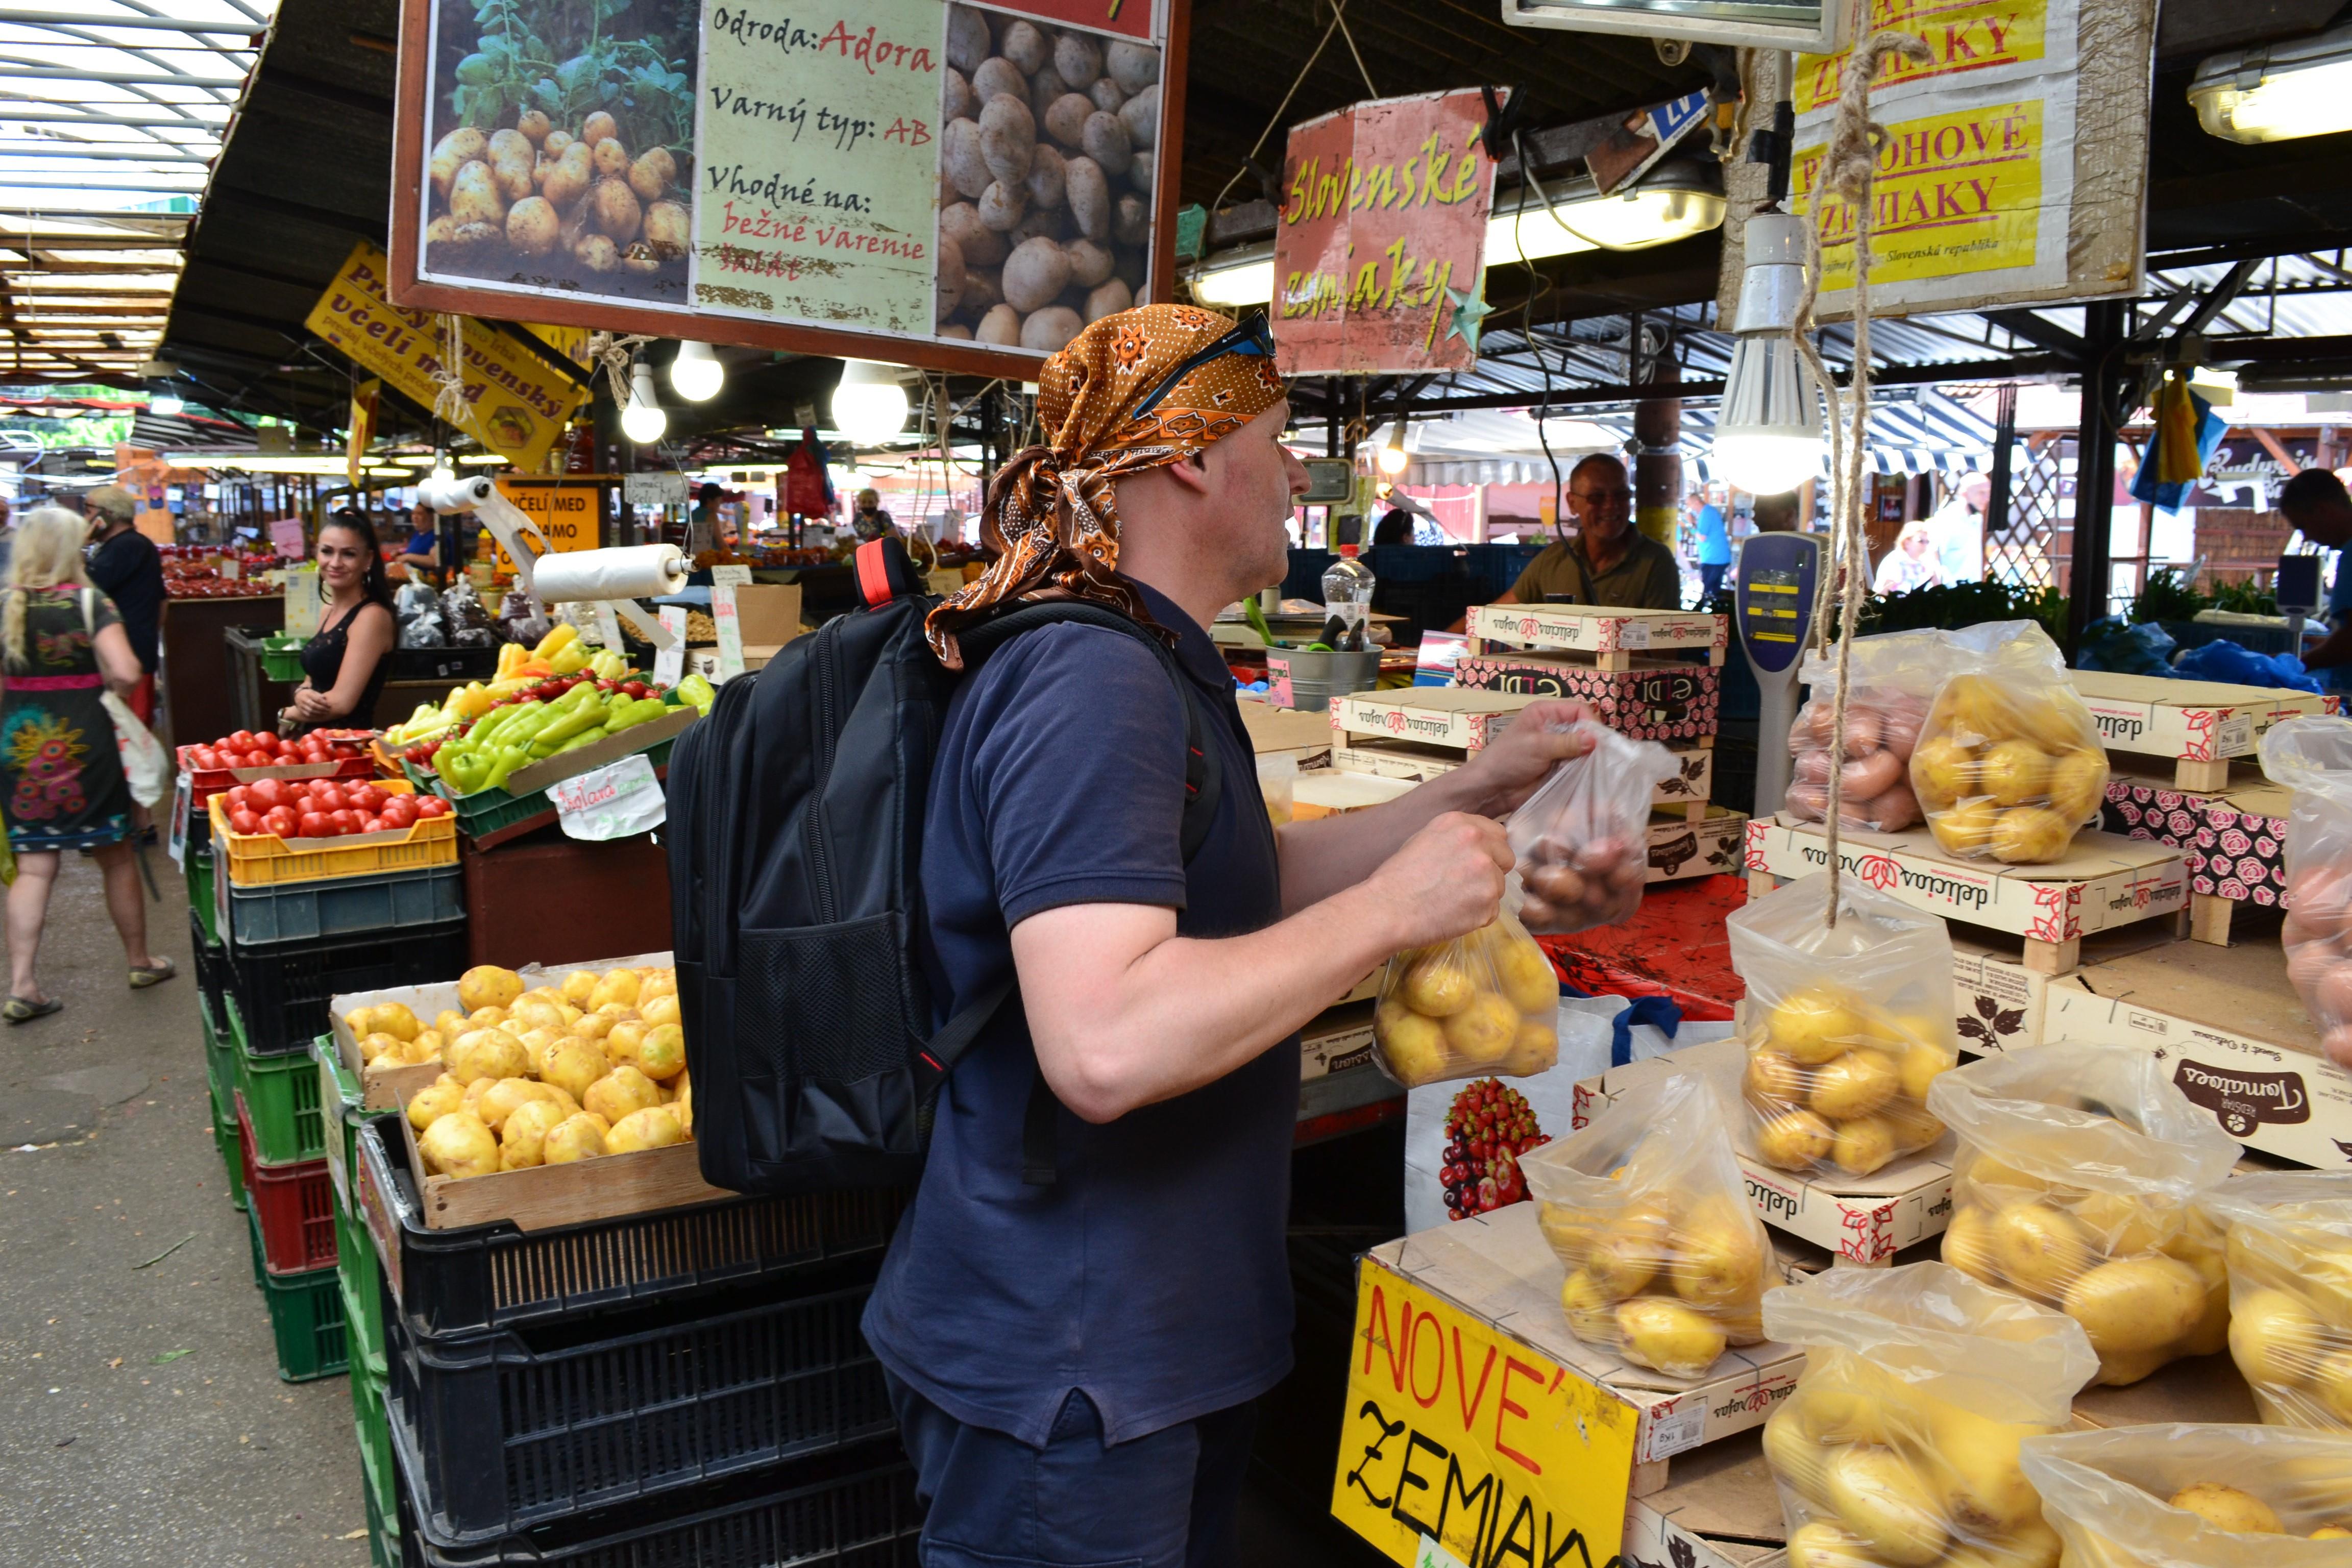 Peter Sorat si našiel na Trhovisku Miletičova svoje obľúbené stánky s ovocím a zeleninou. Zdroj: Alžbeta Jánošíková